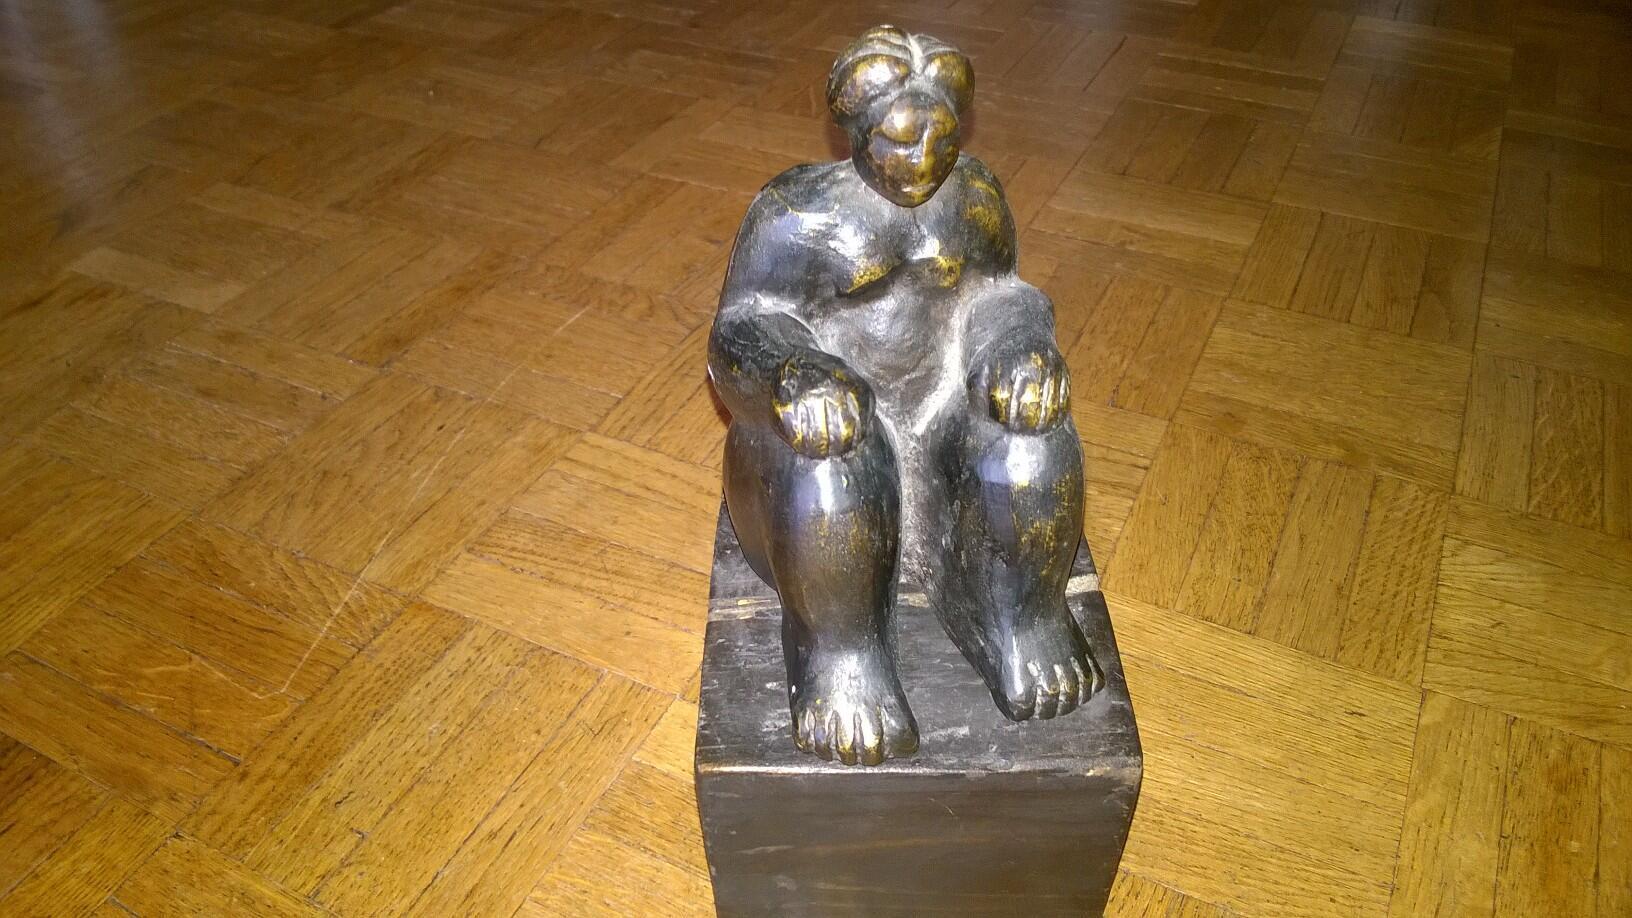 Escultura del artista colombiano, John Giraldo. Colección particular.